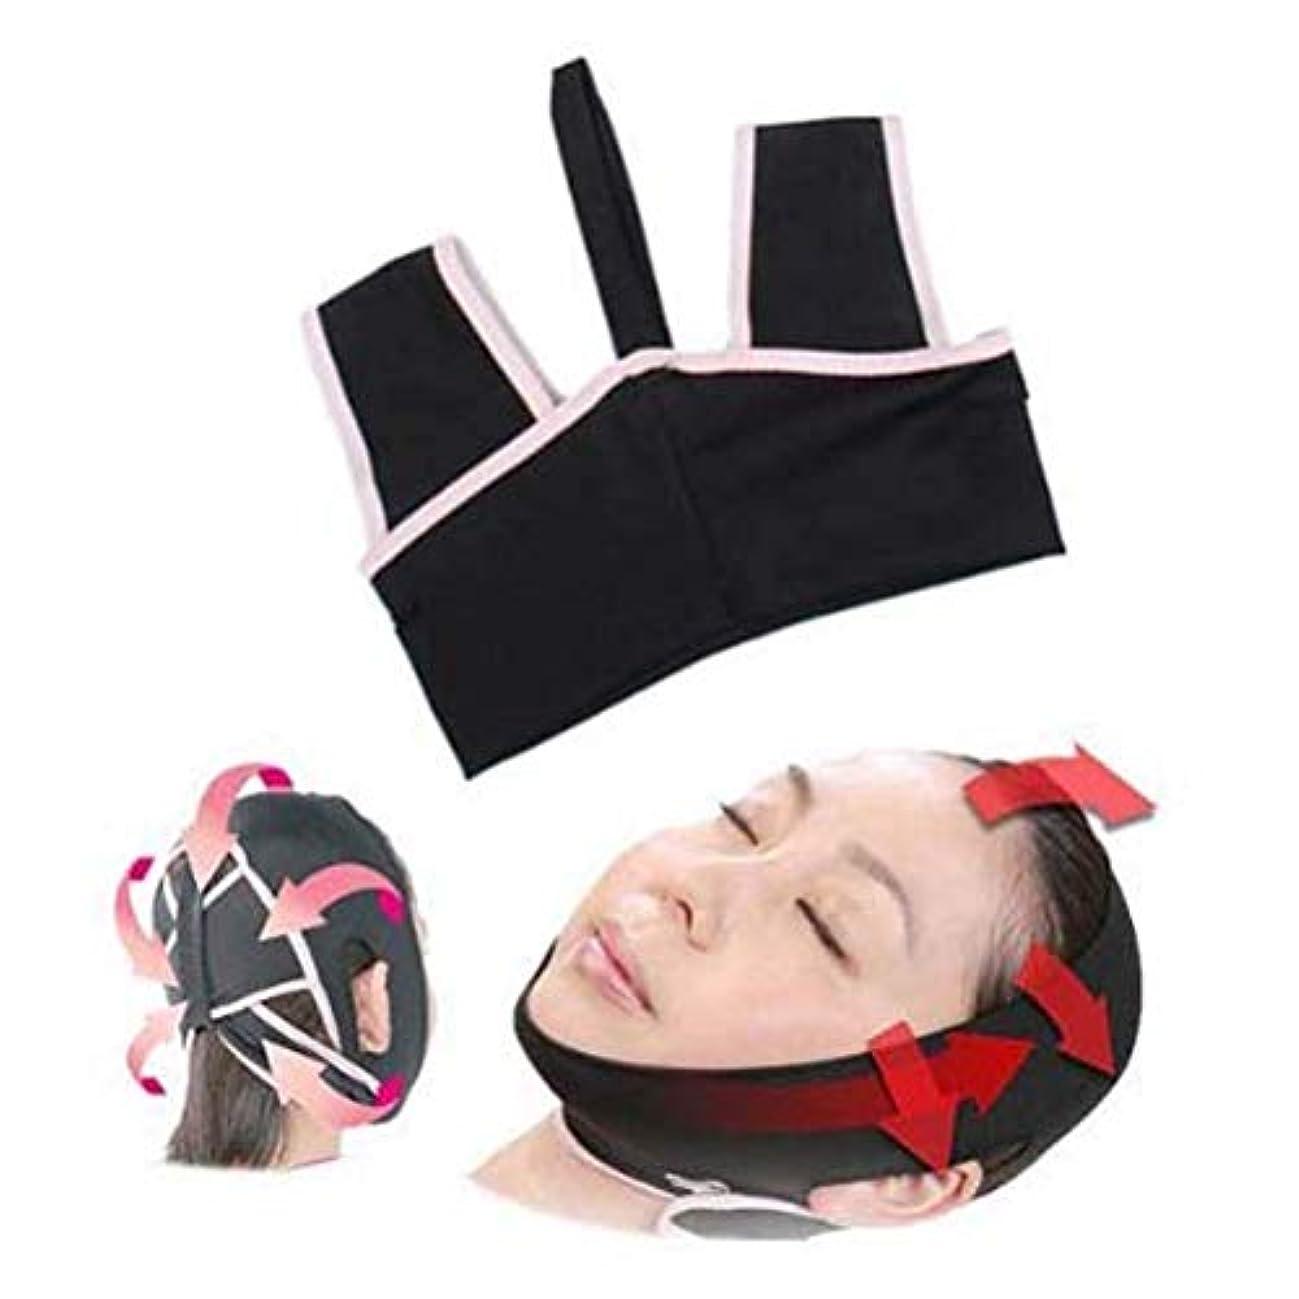 アグネスグレイ知らせるやがてHUYYA Vライン頬、女性の顔を持ち上げるベルト しわ防止包帯 二重あごの減量顔,Black_Medium